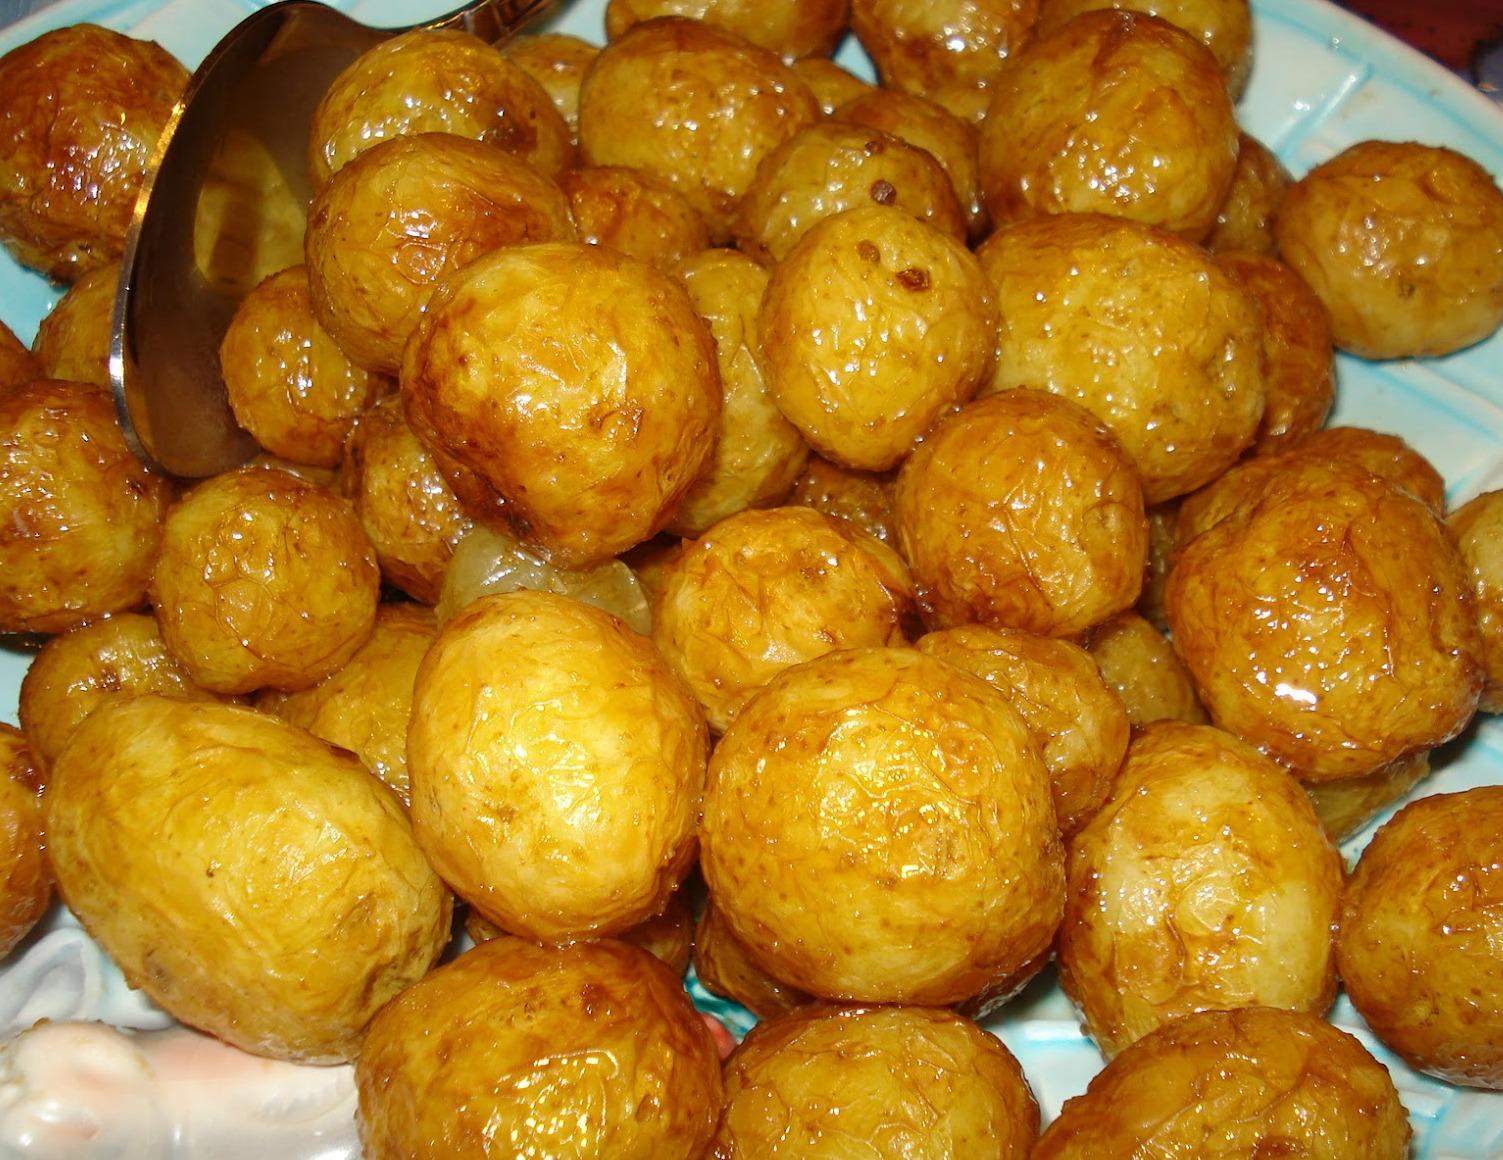 Мультиварка поларис рецепты приготовления из картофеля